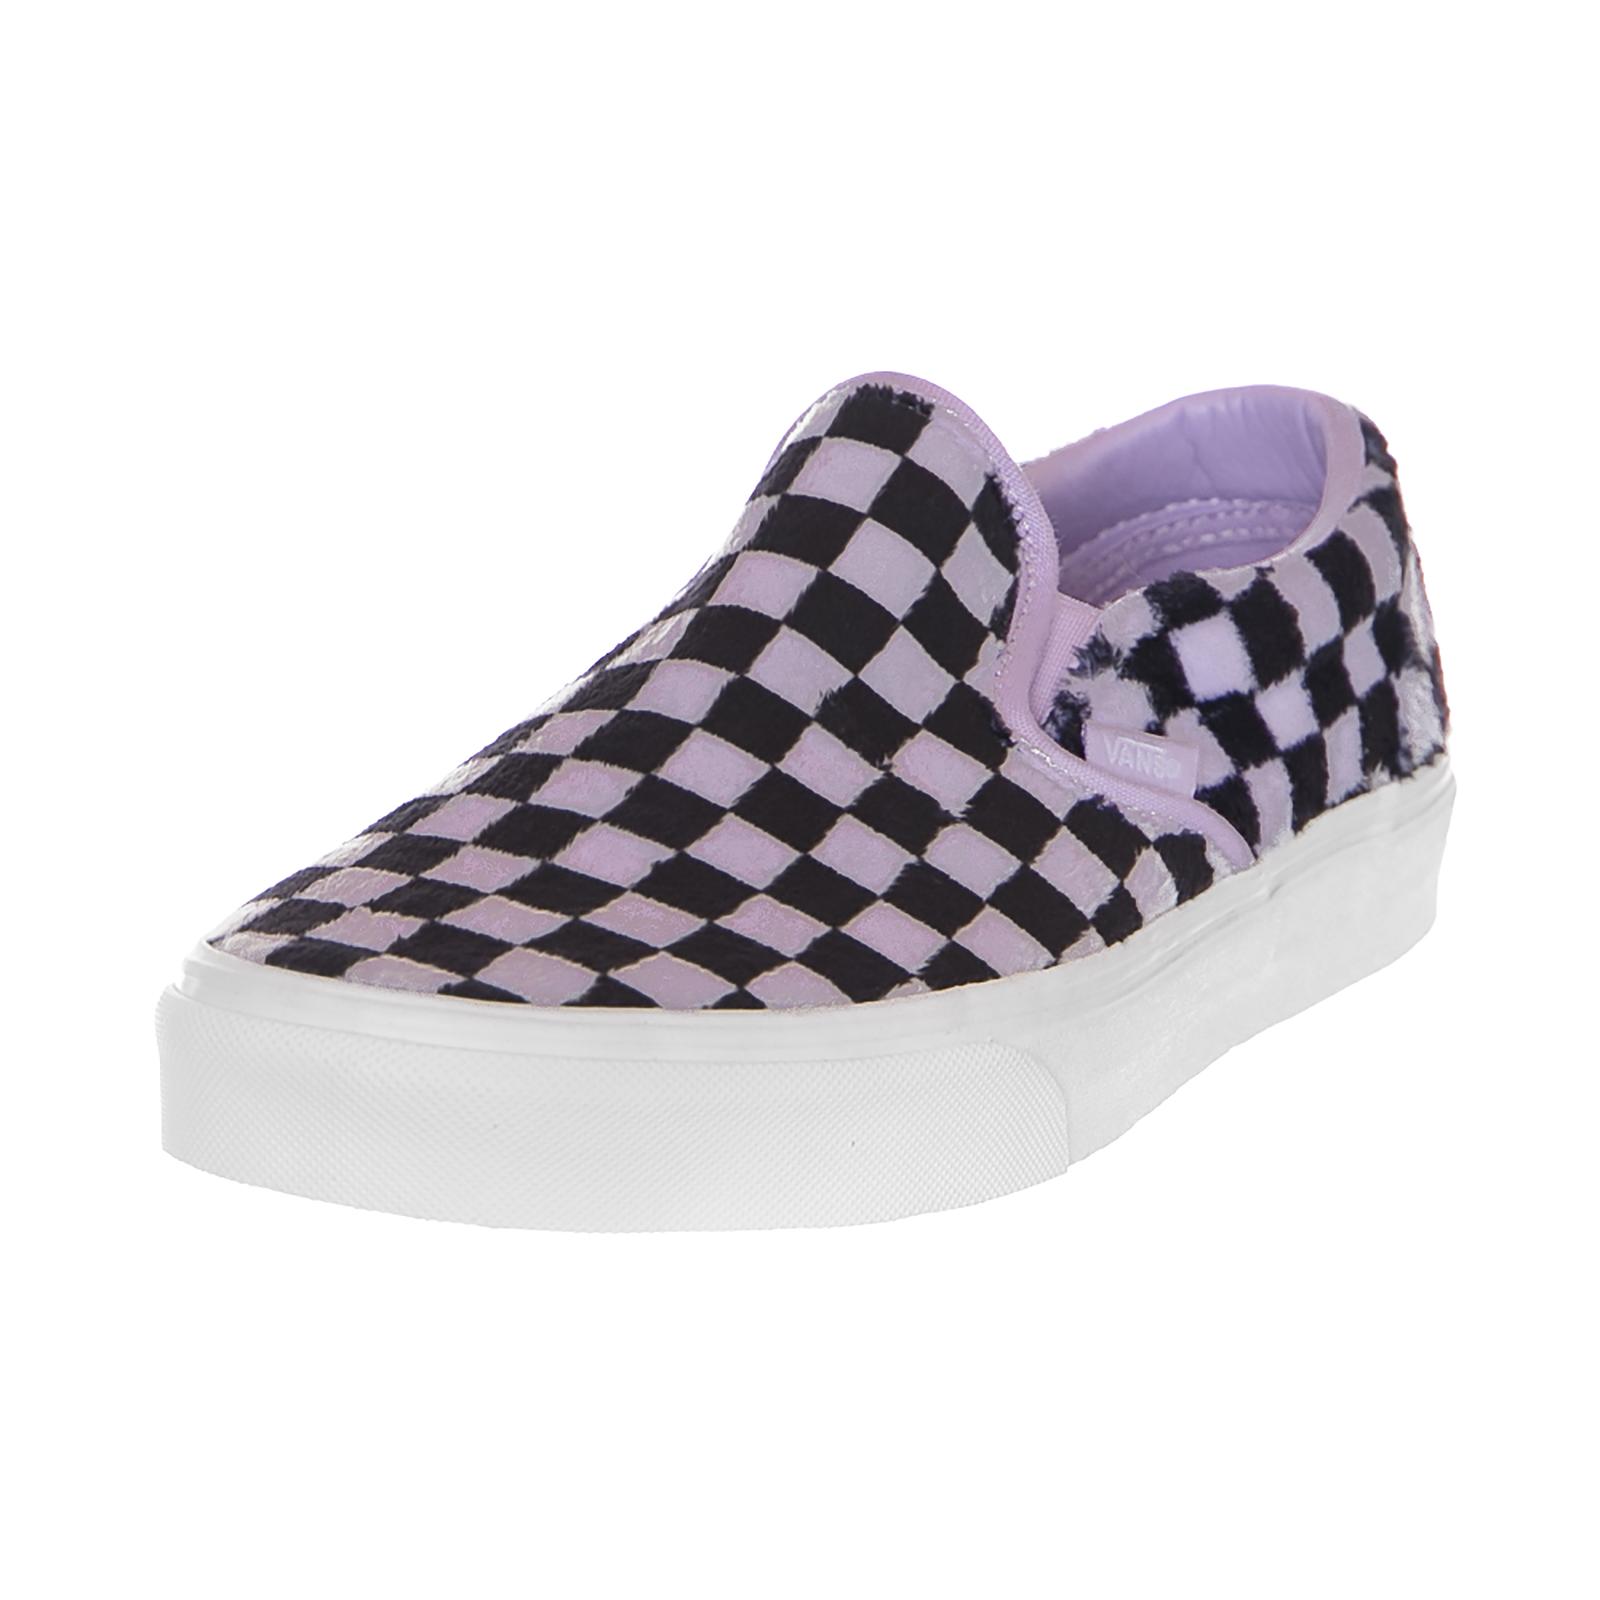 Détails sur Vans Sneakers Classic Slip-On (Furry Check) Pastel Lilac Black Multicolor